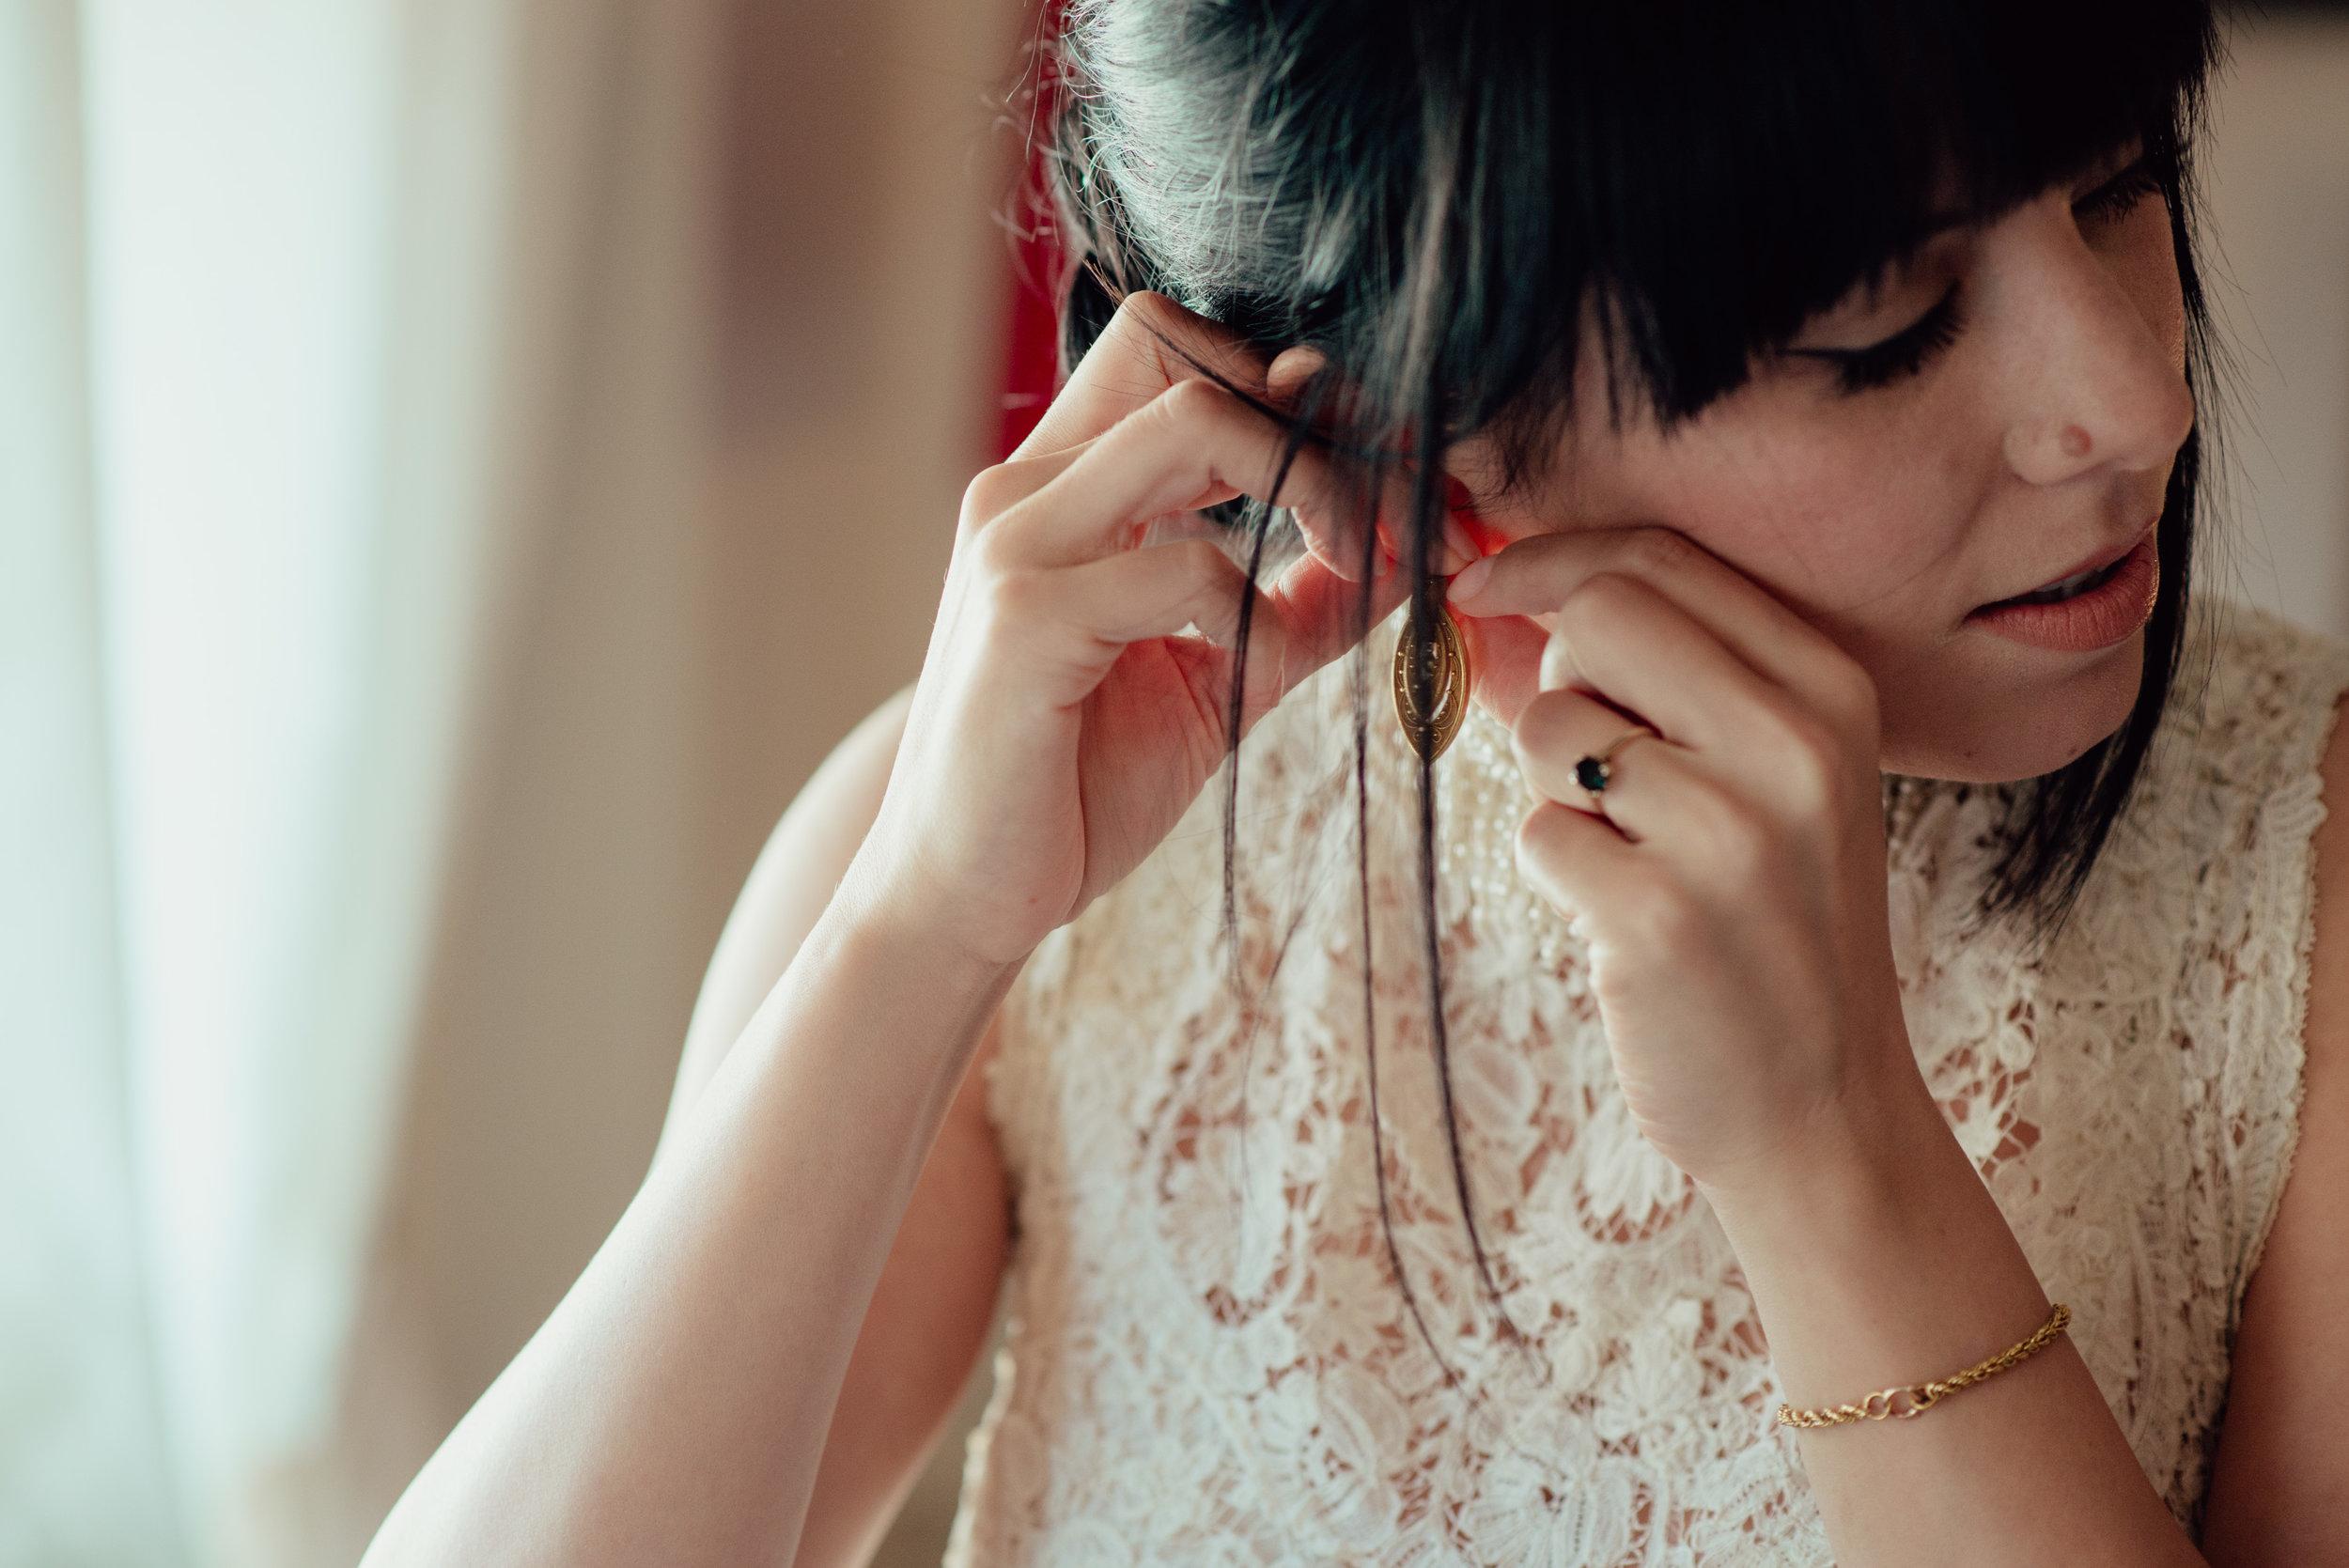 cleland-studios-weddings-7.jpg